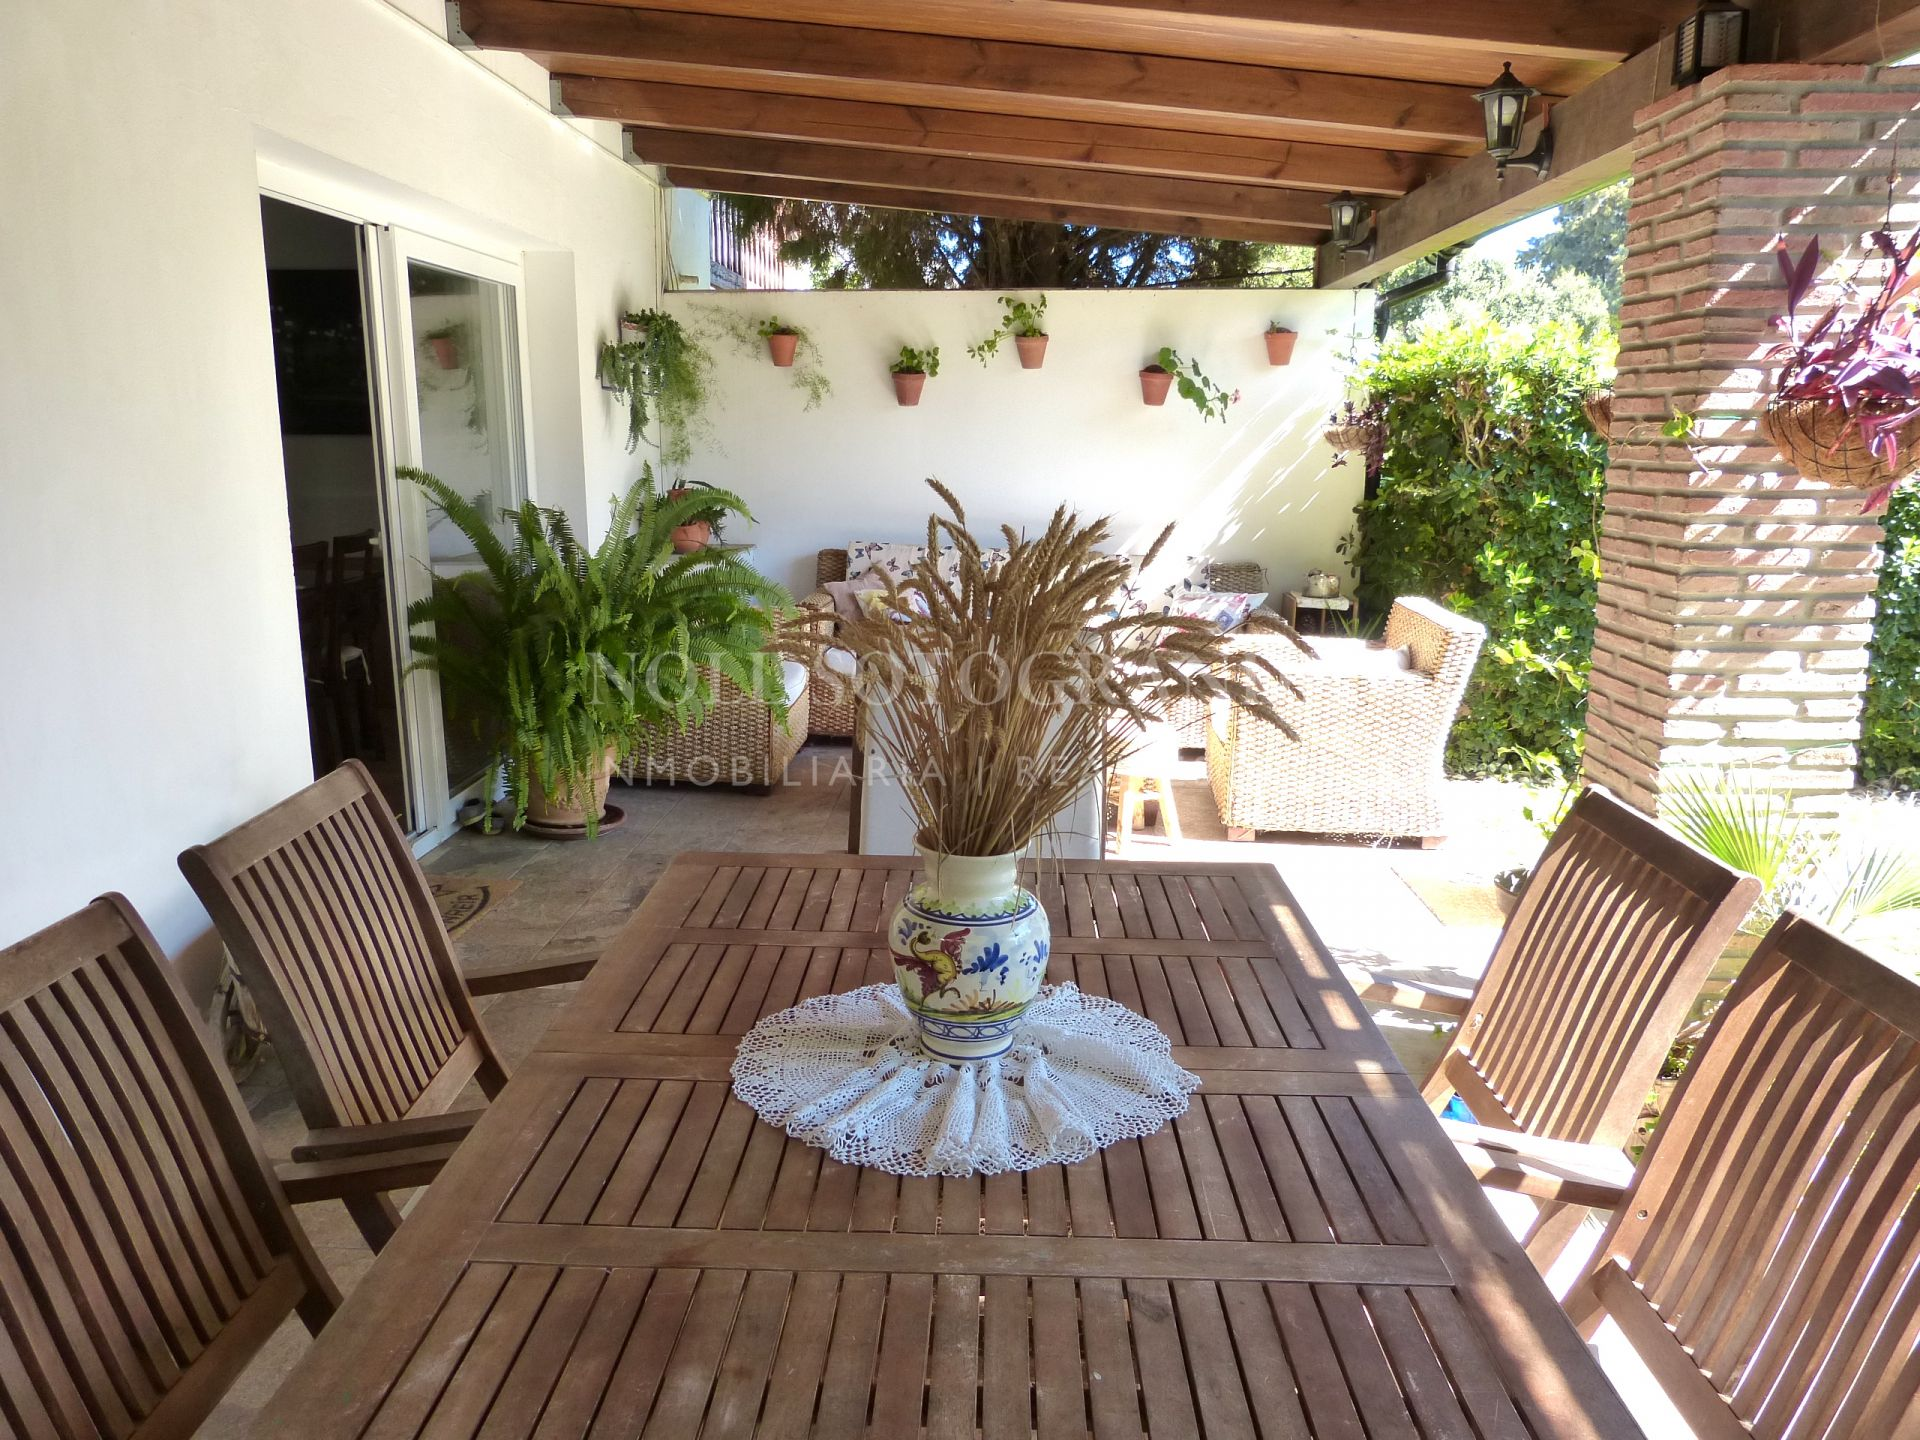 Town House for sale in La Loma, Sotogrande Costa